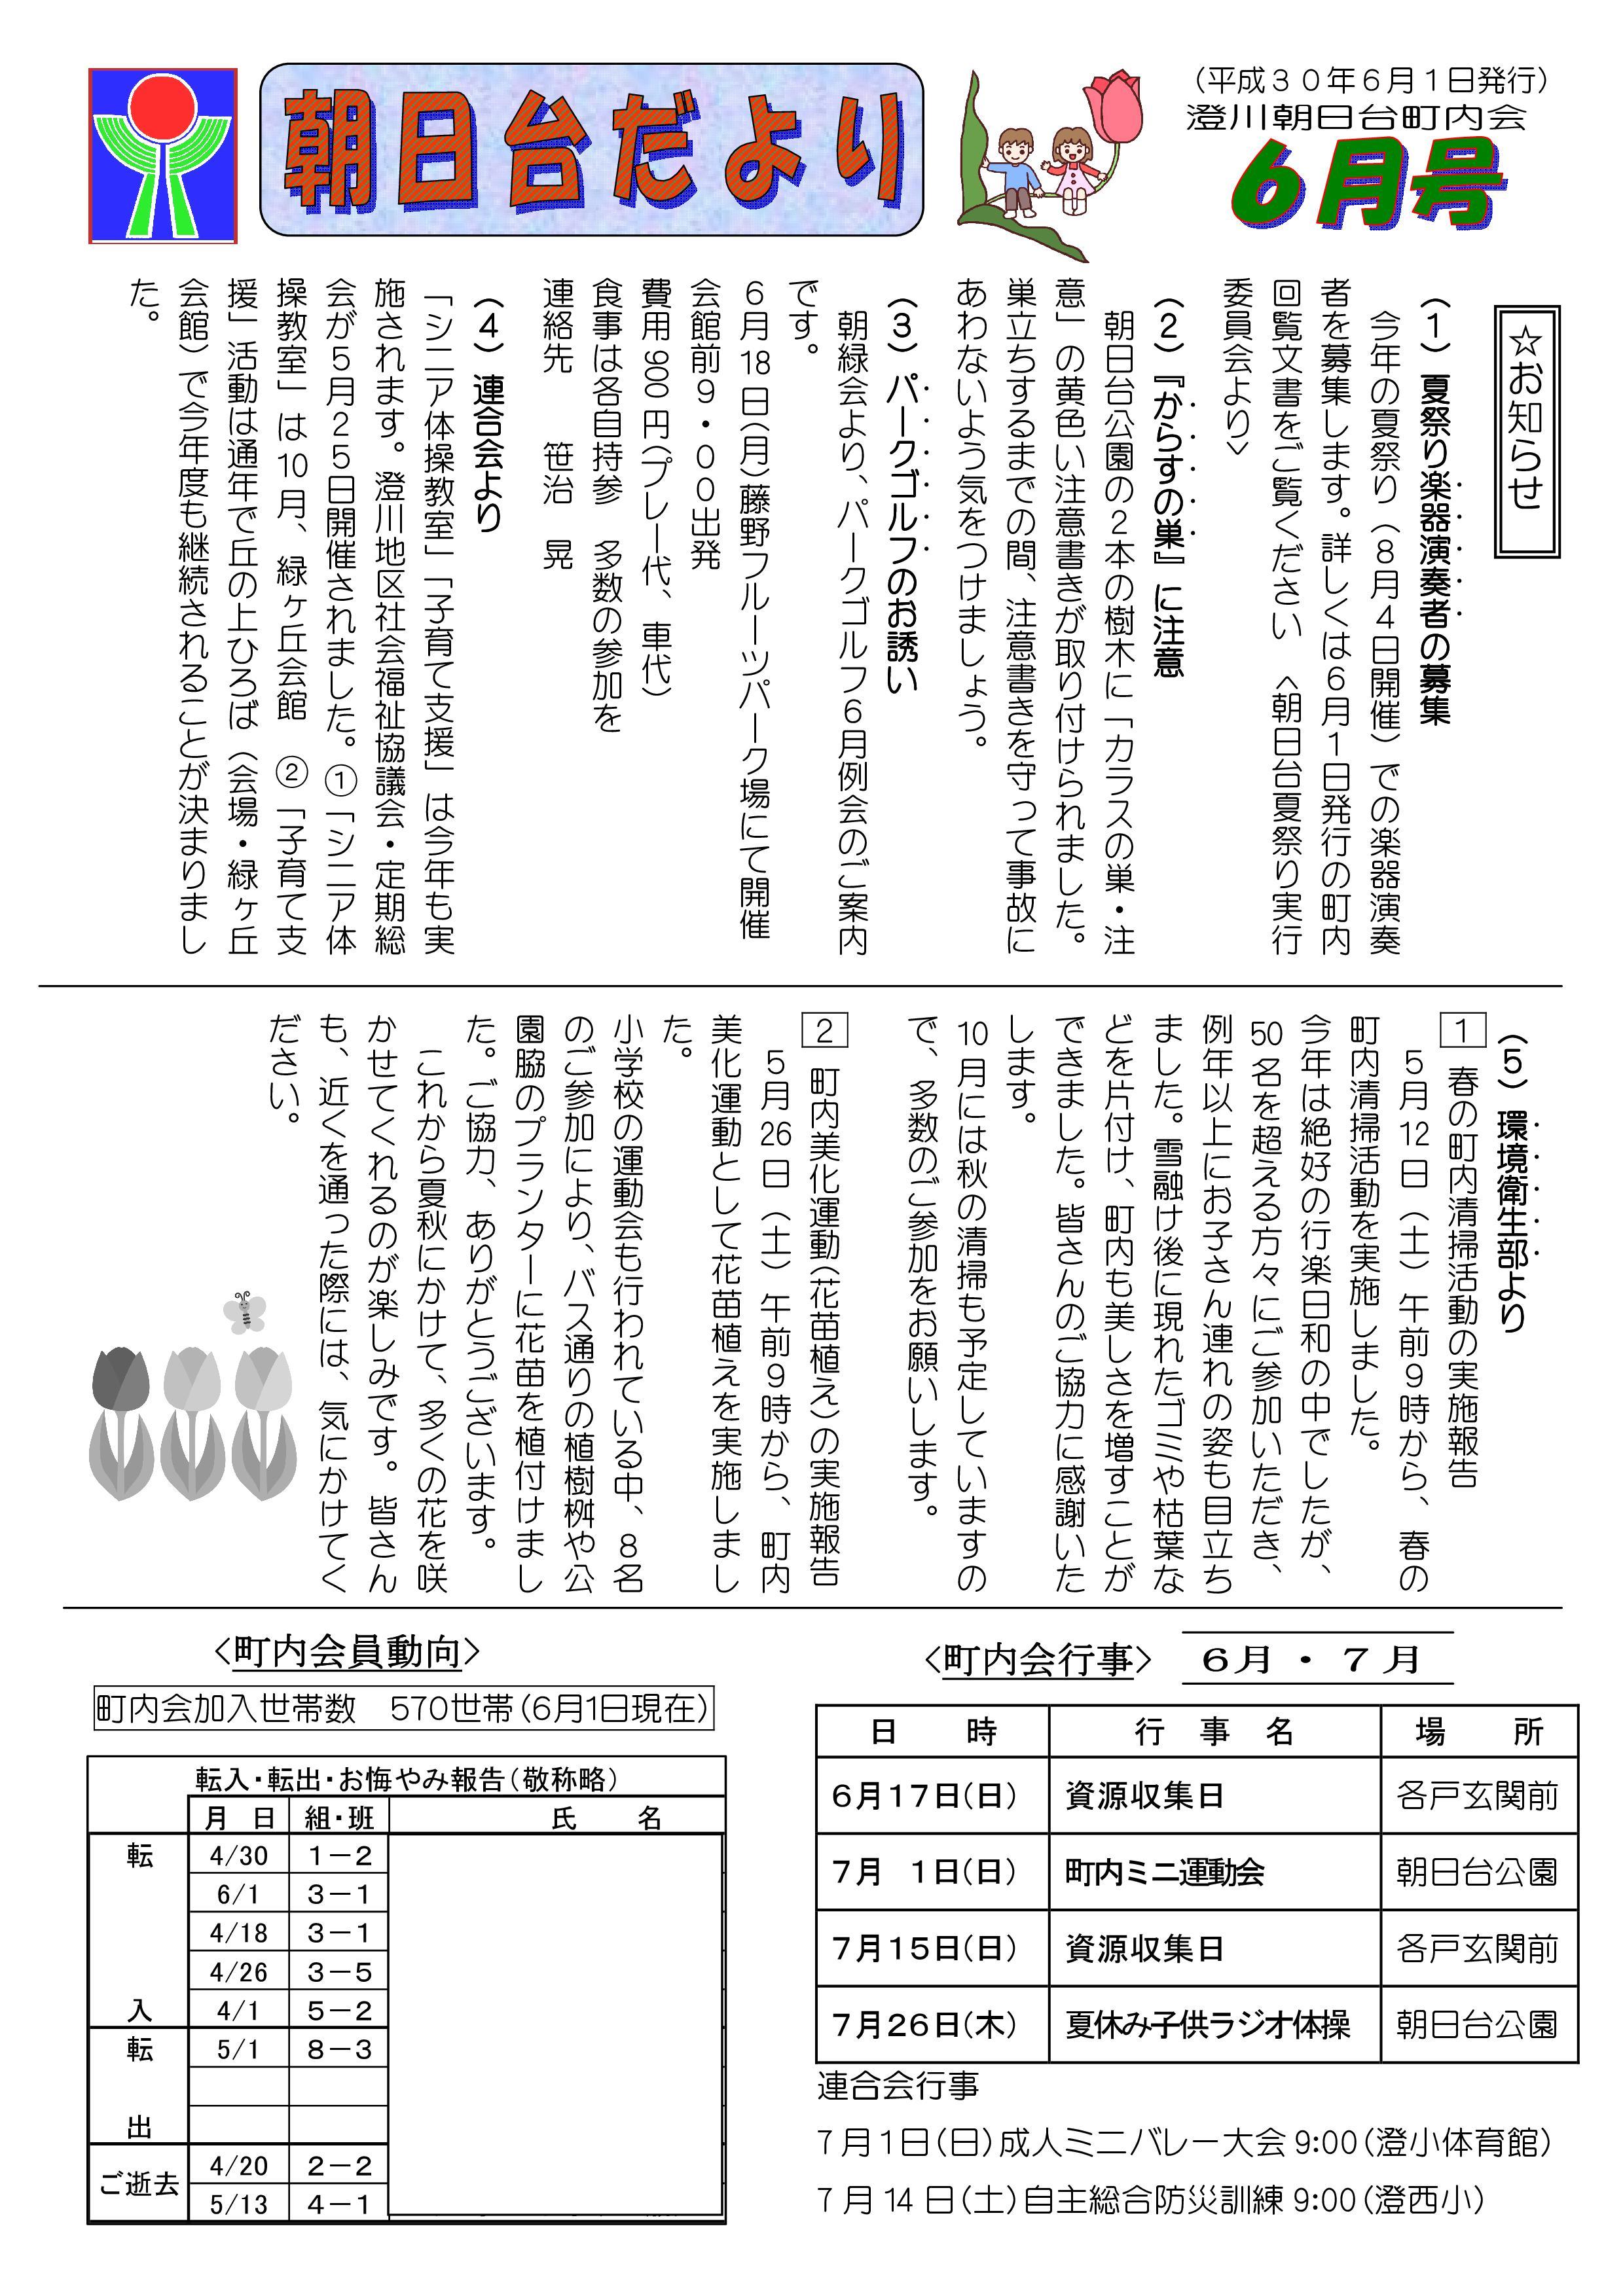 http://sumikawa.info/asahidai/30-6%E6%9C%88%E5%8F%B7.jpg